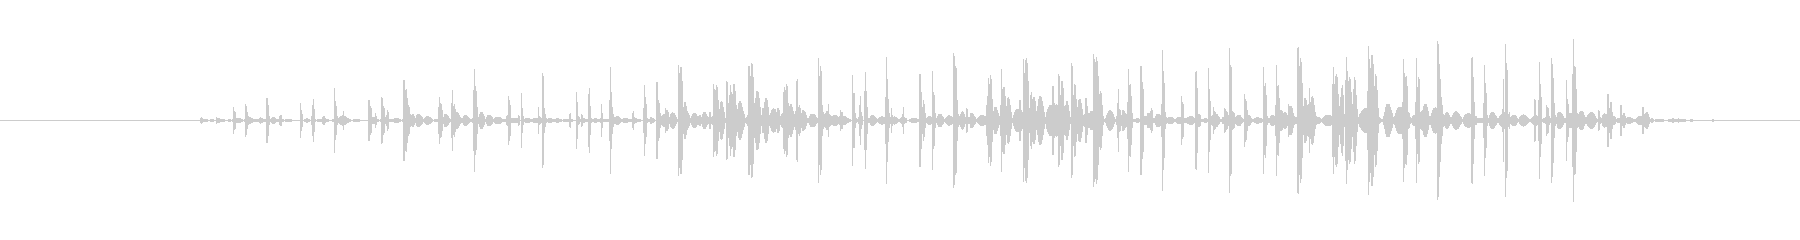 FI 実用性 スキャナーウォブルロー02の未再生の波形